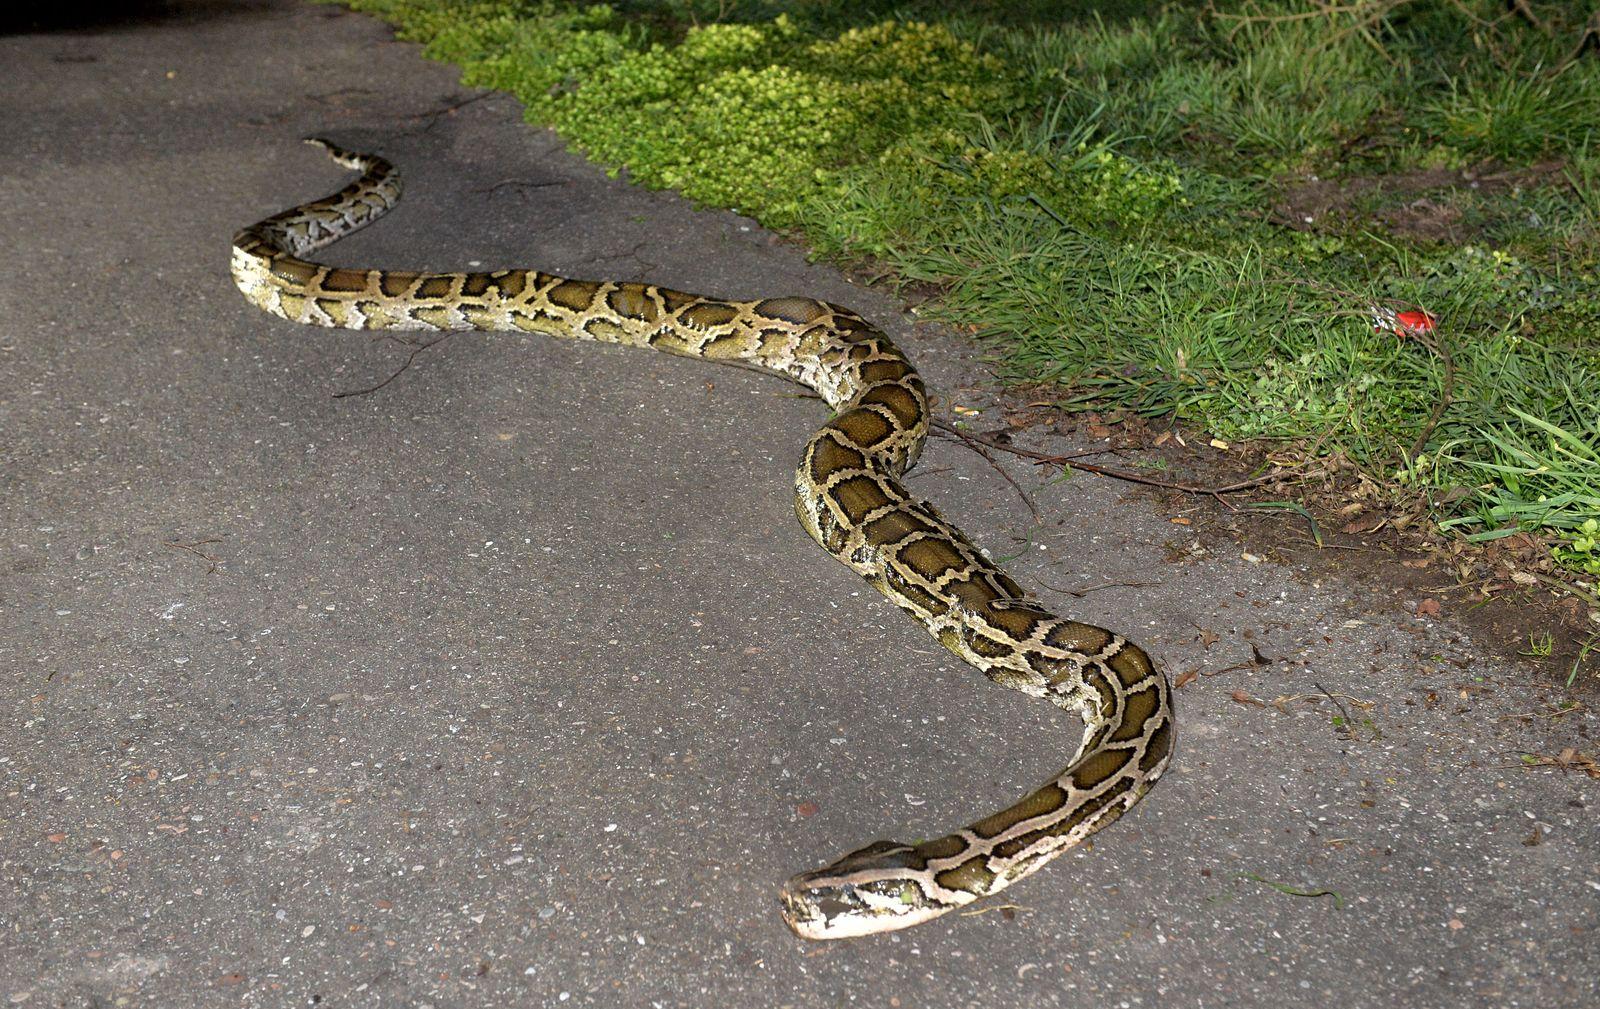 Vier Meter lange Schlange auf Rastplatz gefunden